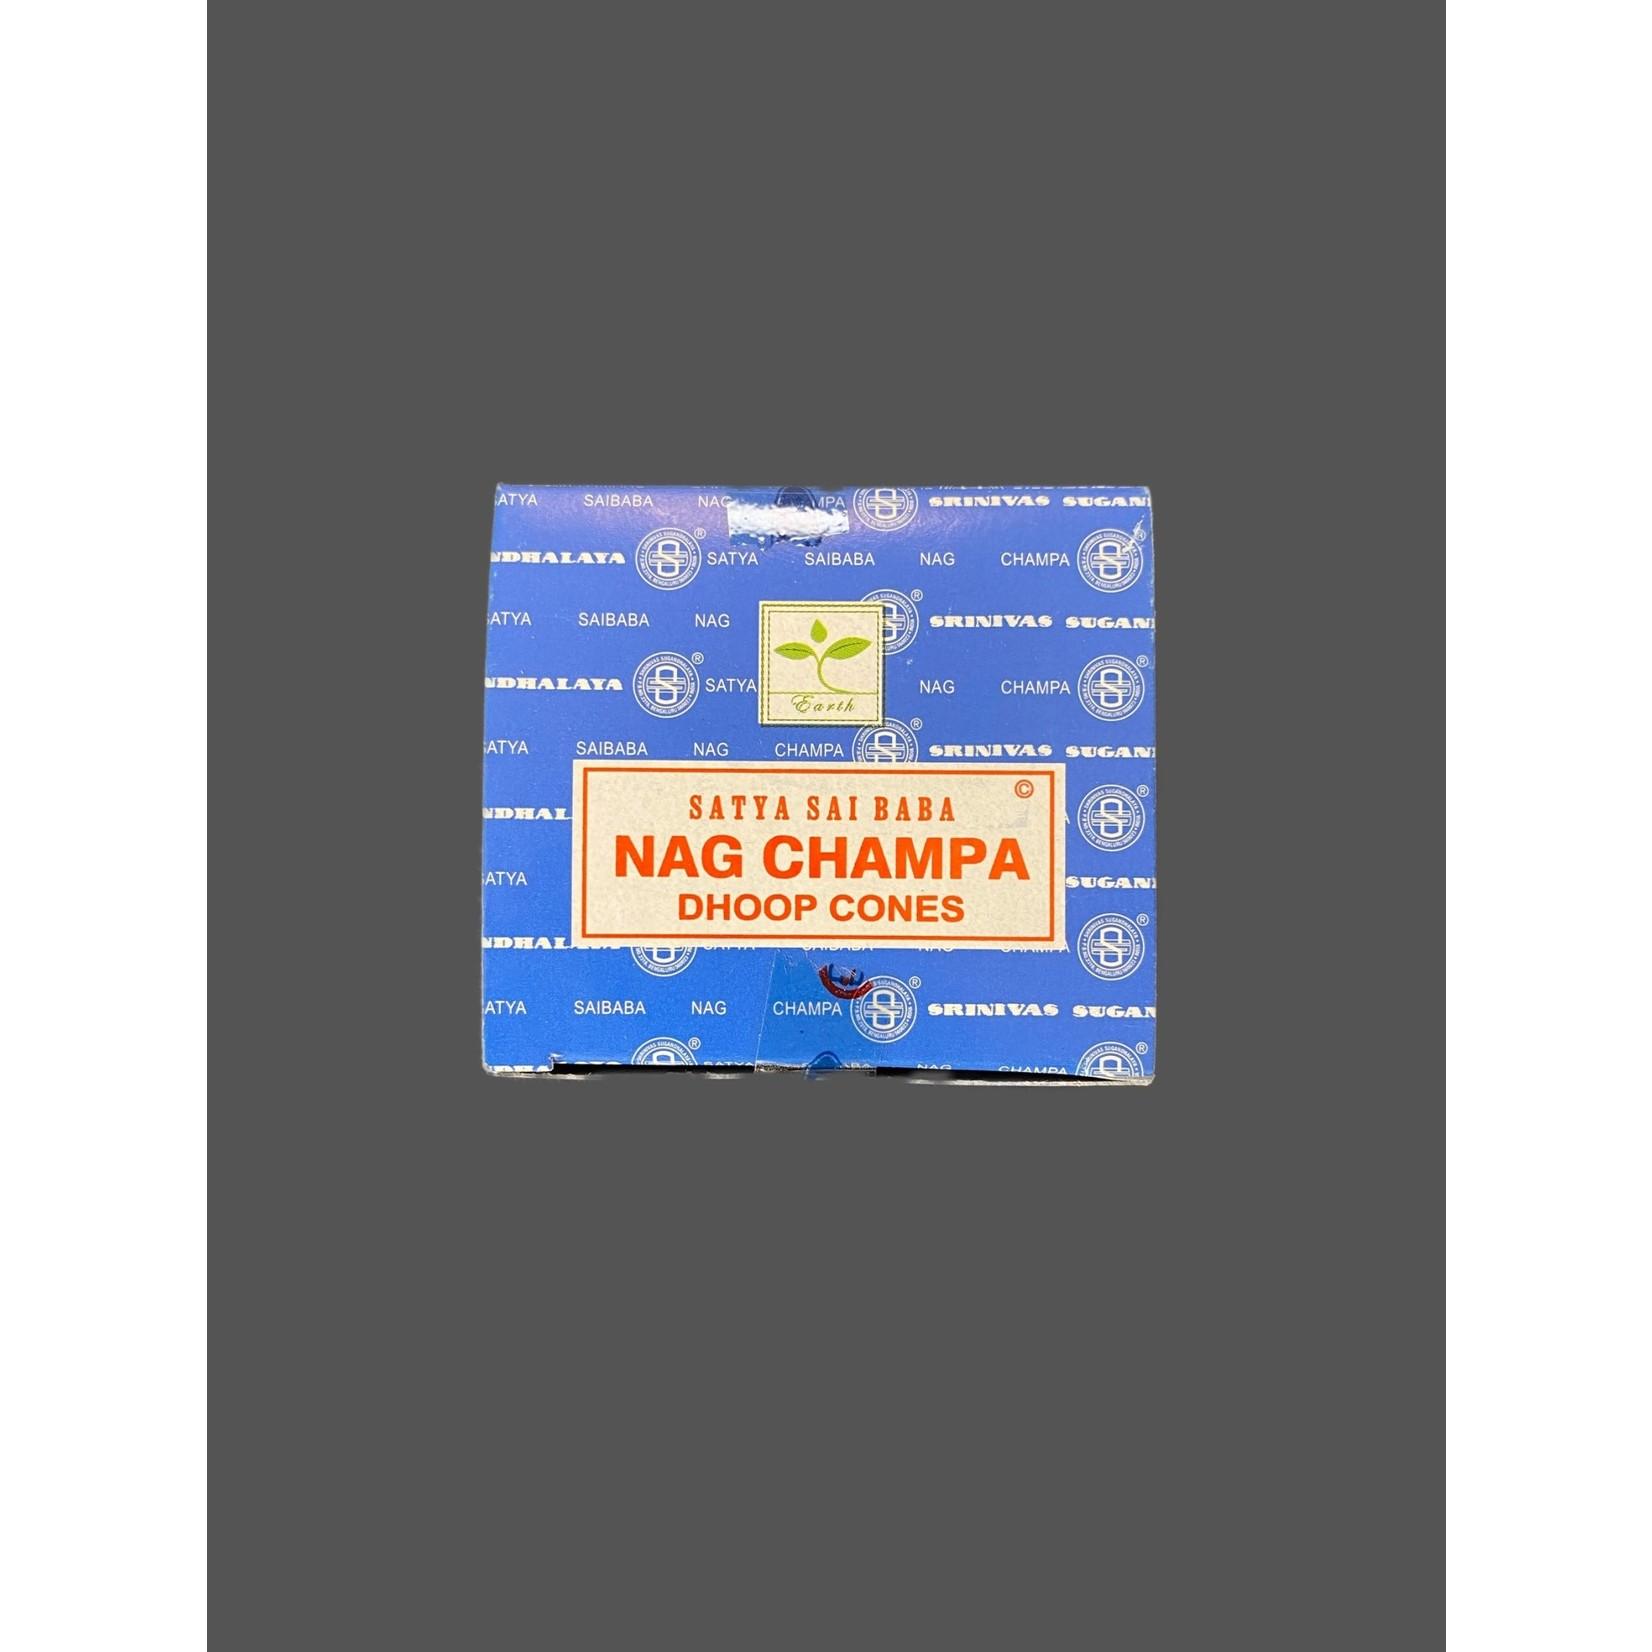 Incienso Nag champa conos satya